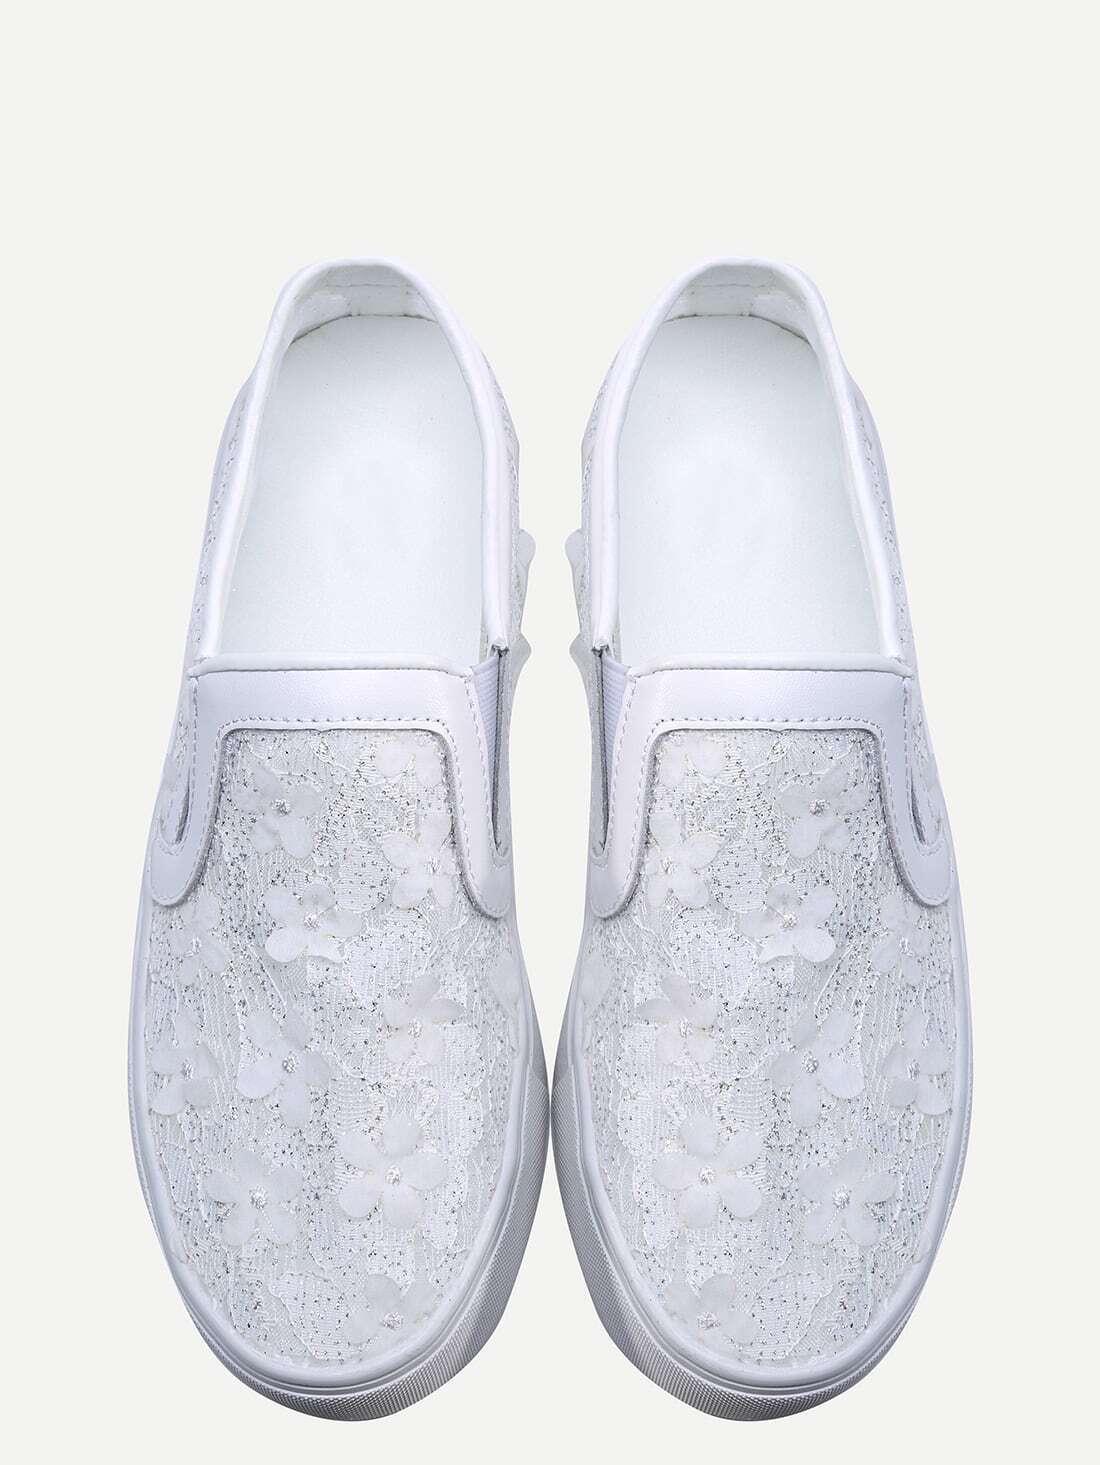 sneakers flach mit rubber sohlen und spitze oberteil wei. Black Bedroom Furniture Sets. Home Design Ideas